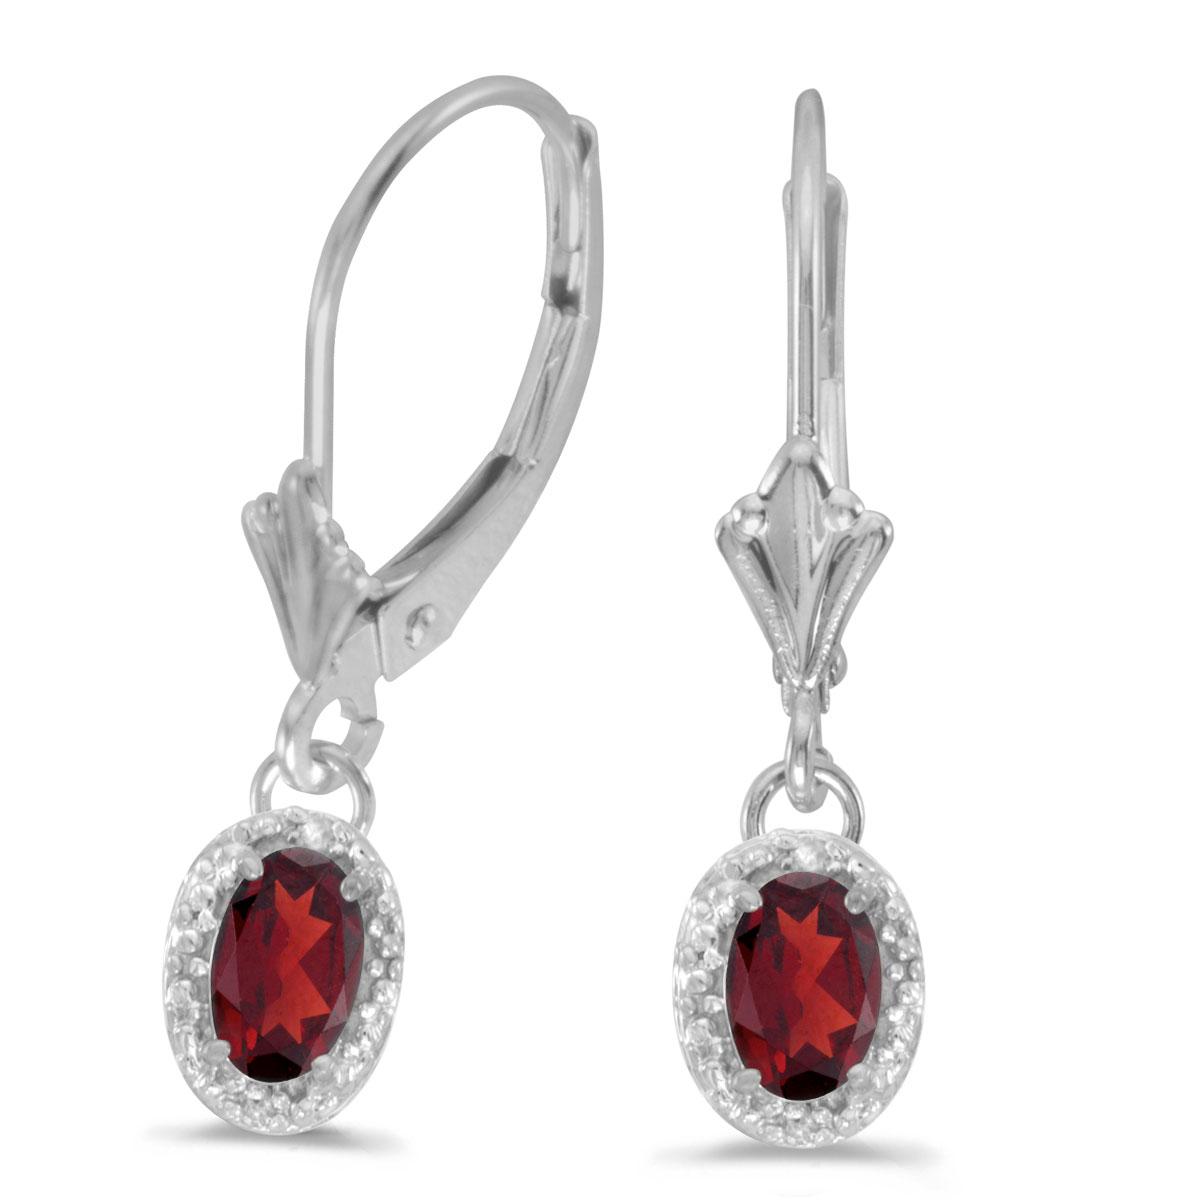 14k White Gold Oval Garnet And Diamond Leverback Earrings